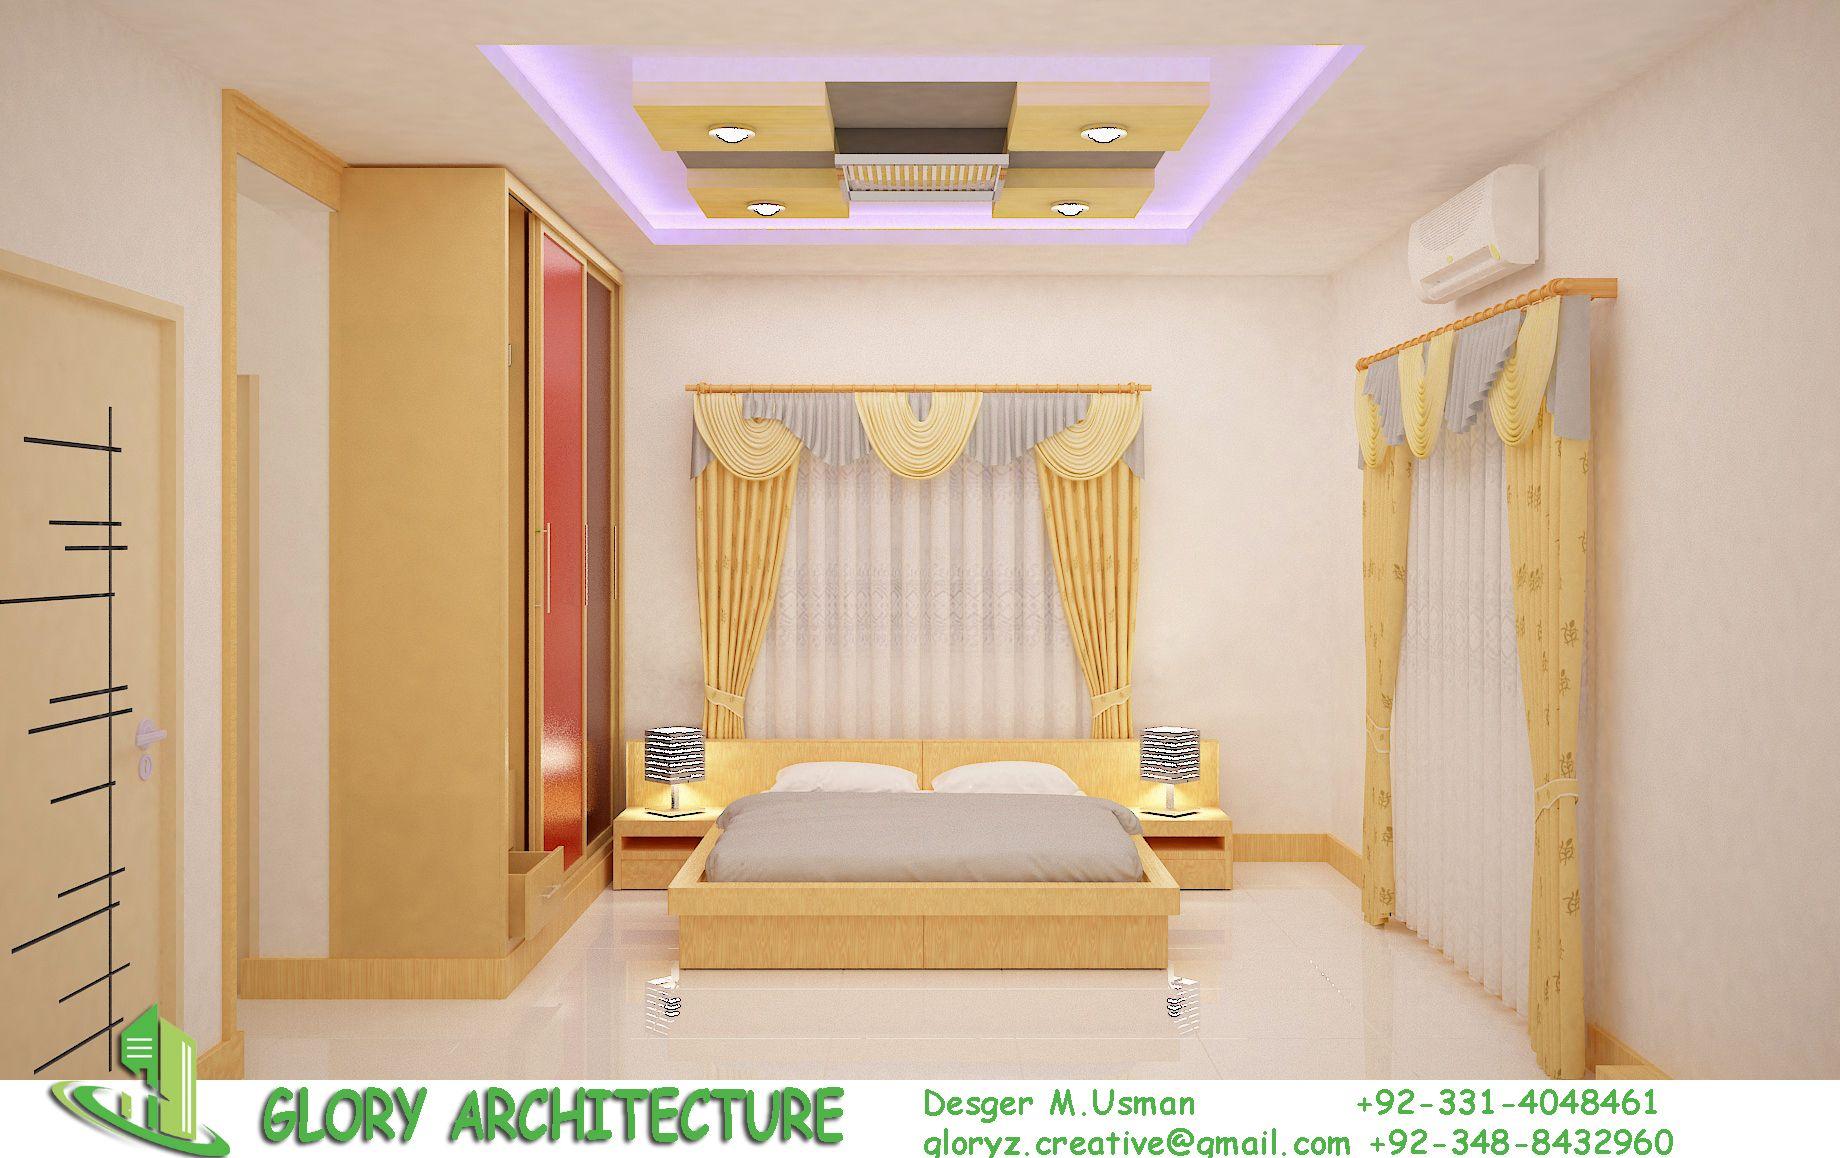 Bed Room In Peshawar Design Bed Room Punjab Design Bed Room